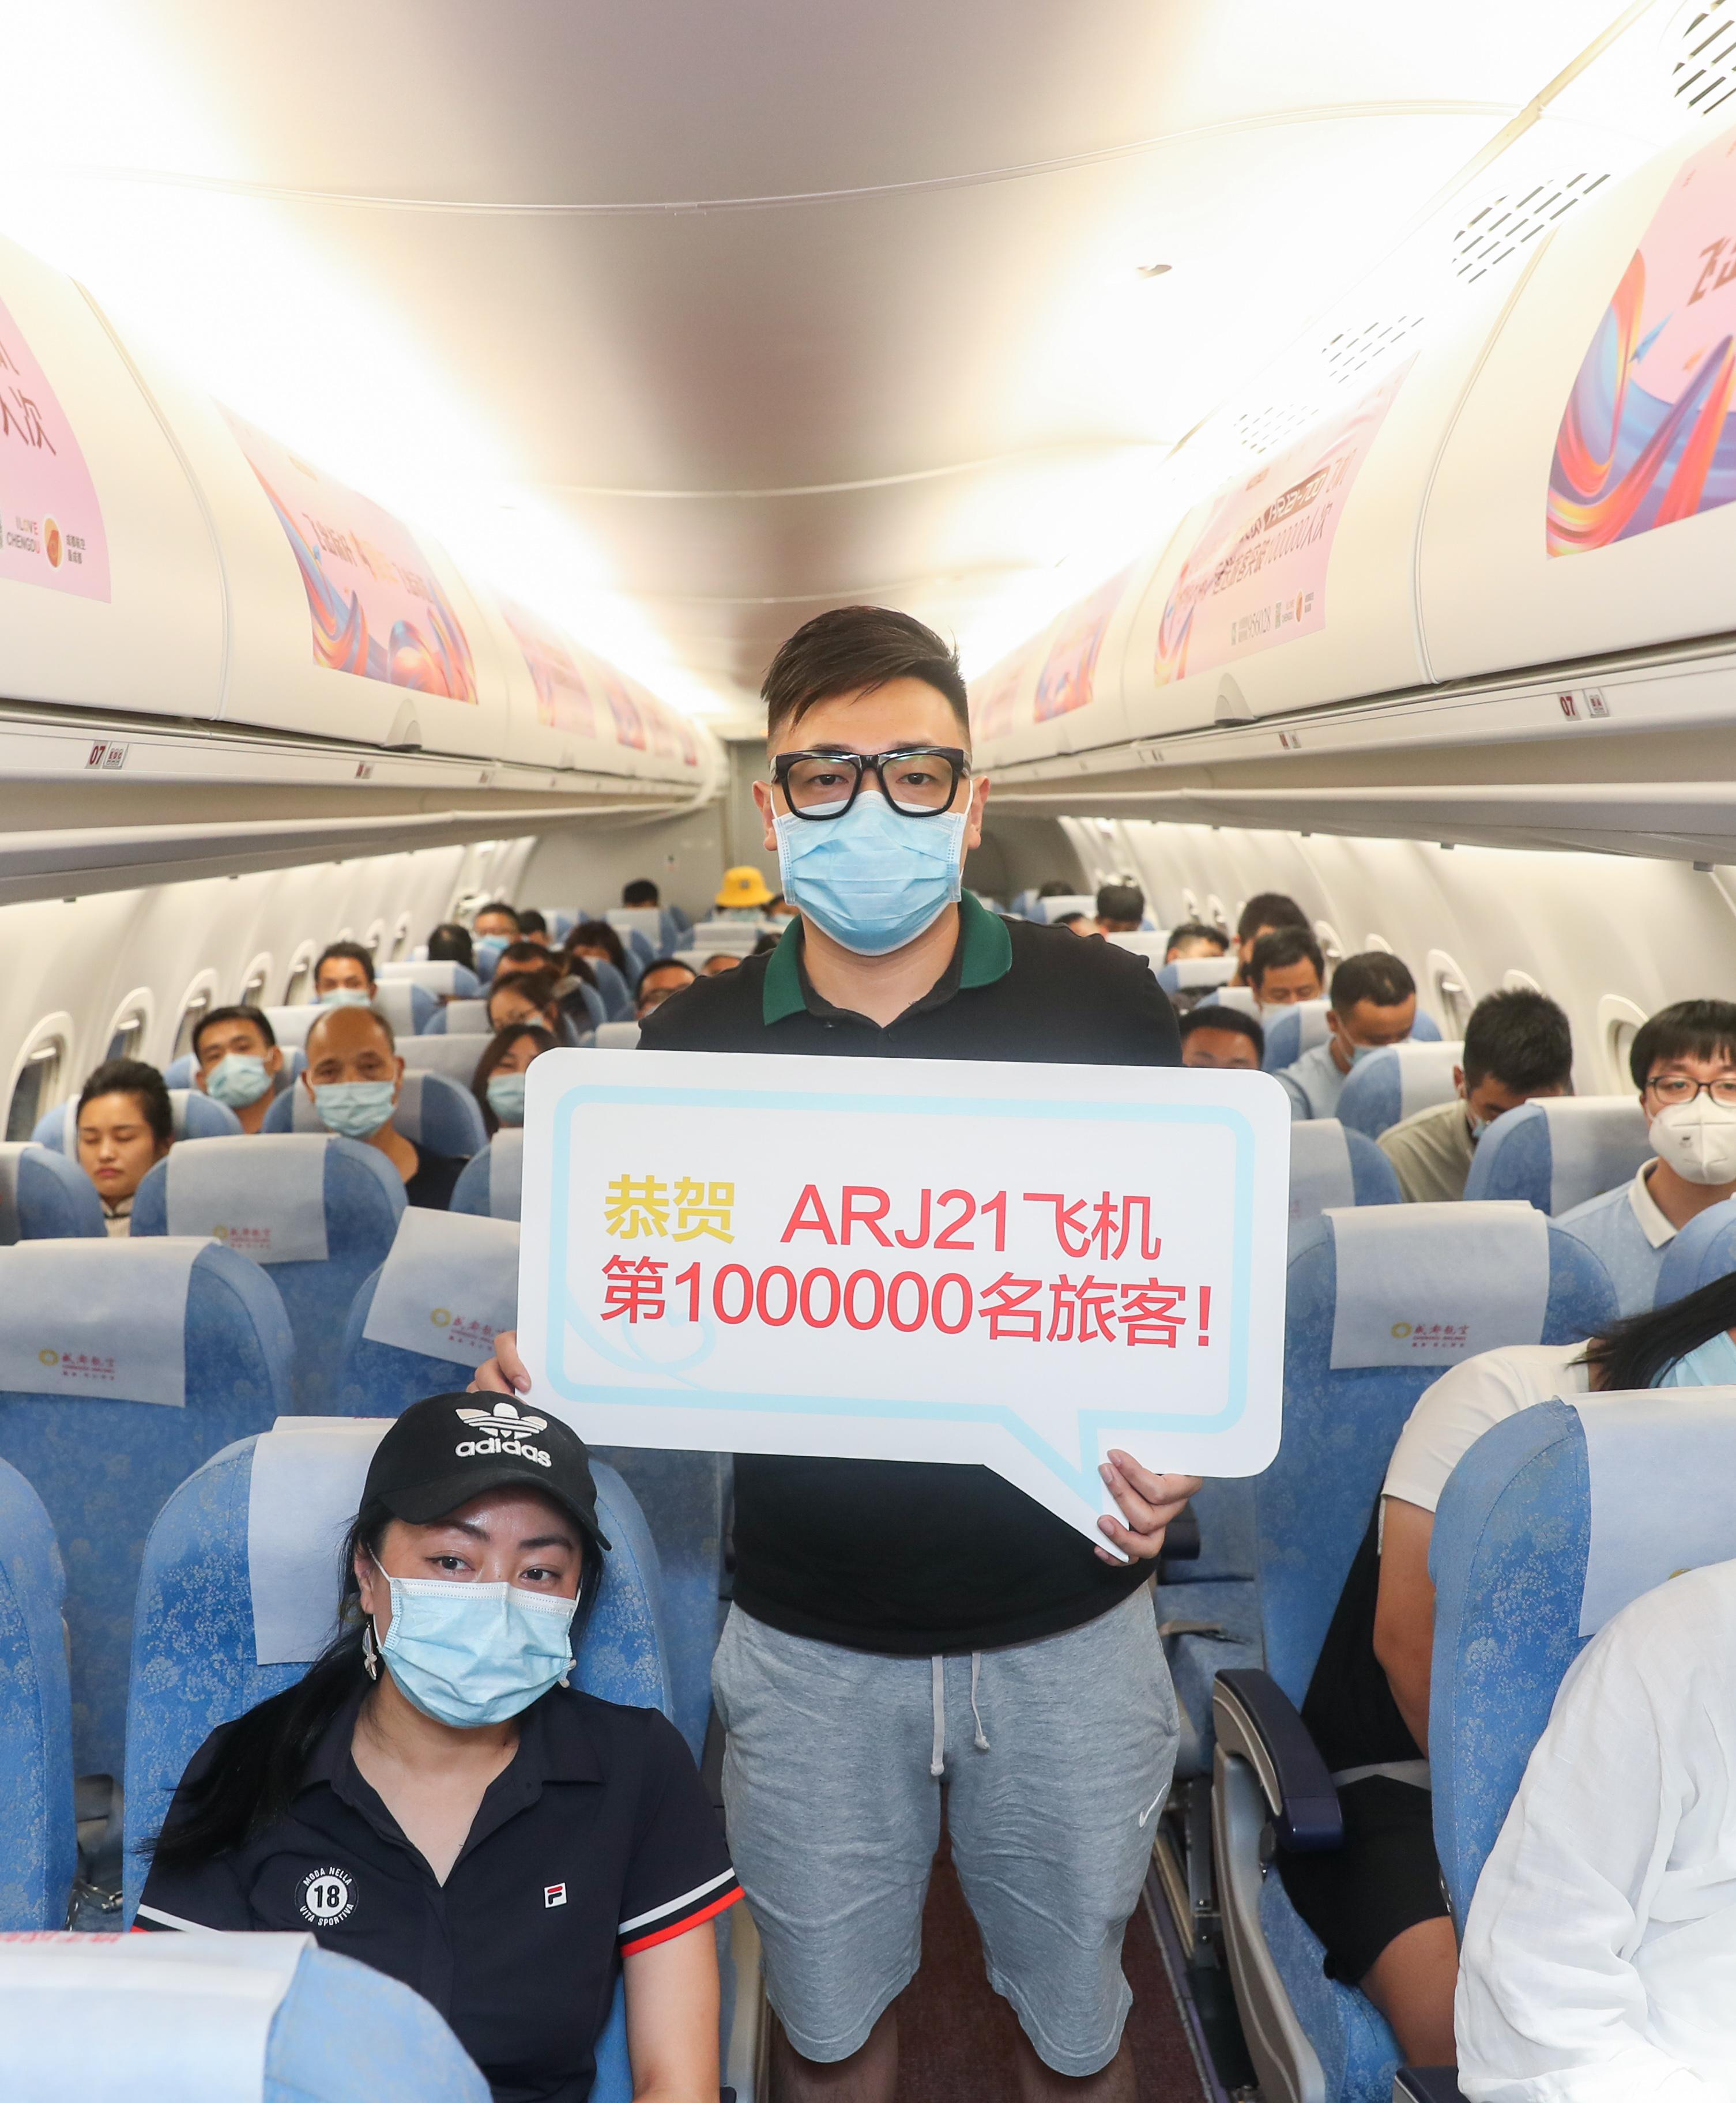 国产新支线客机ARJ21载客逾100万人次